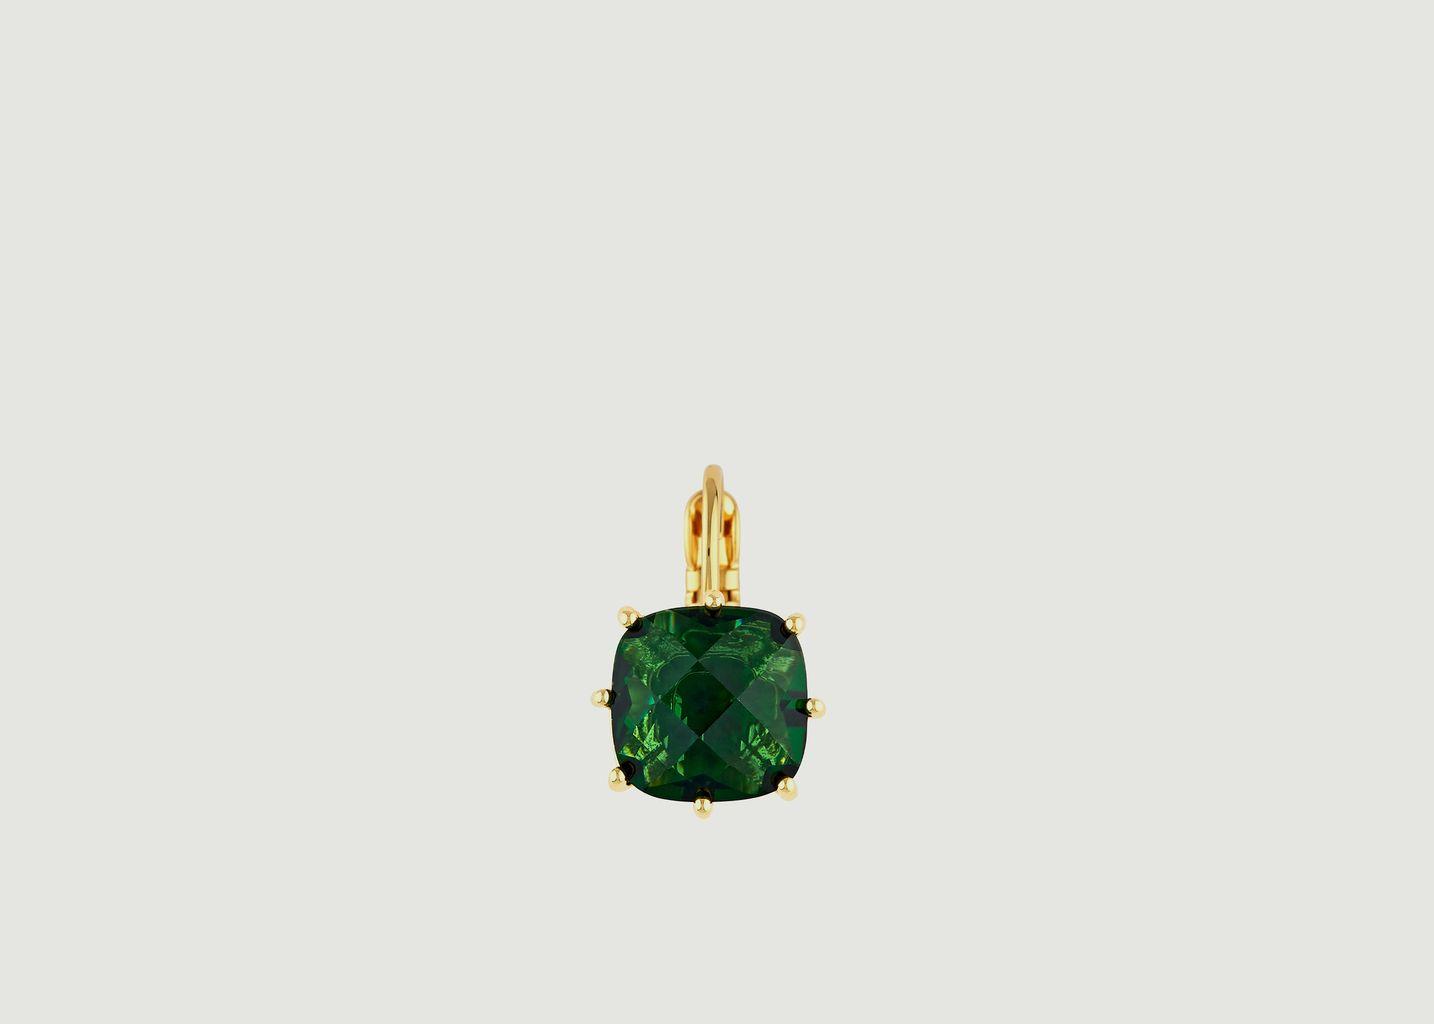 Boucles d'Oreilles La Diamantine Dormeuses - Les Néréides